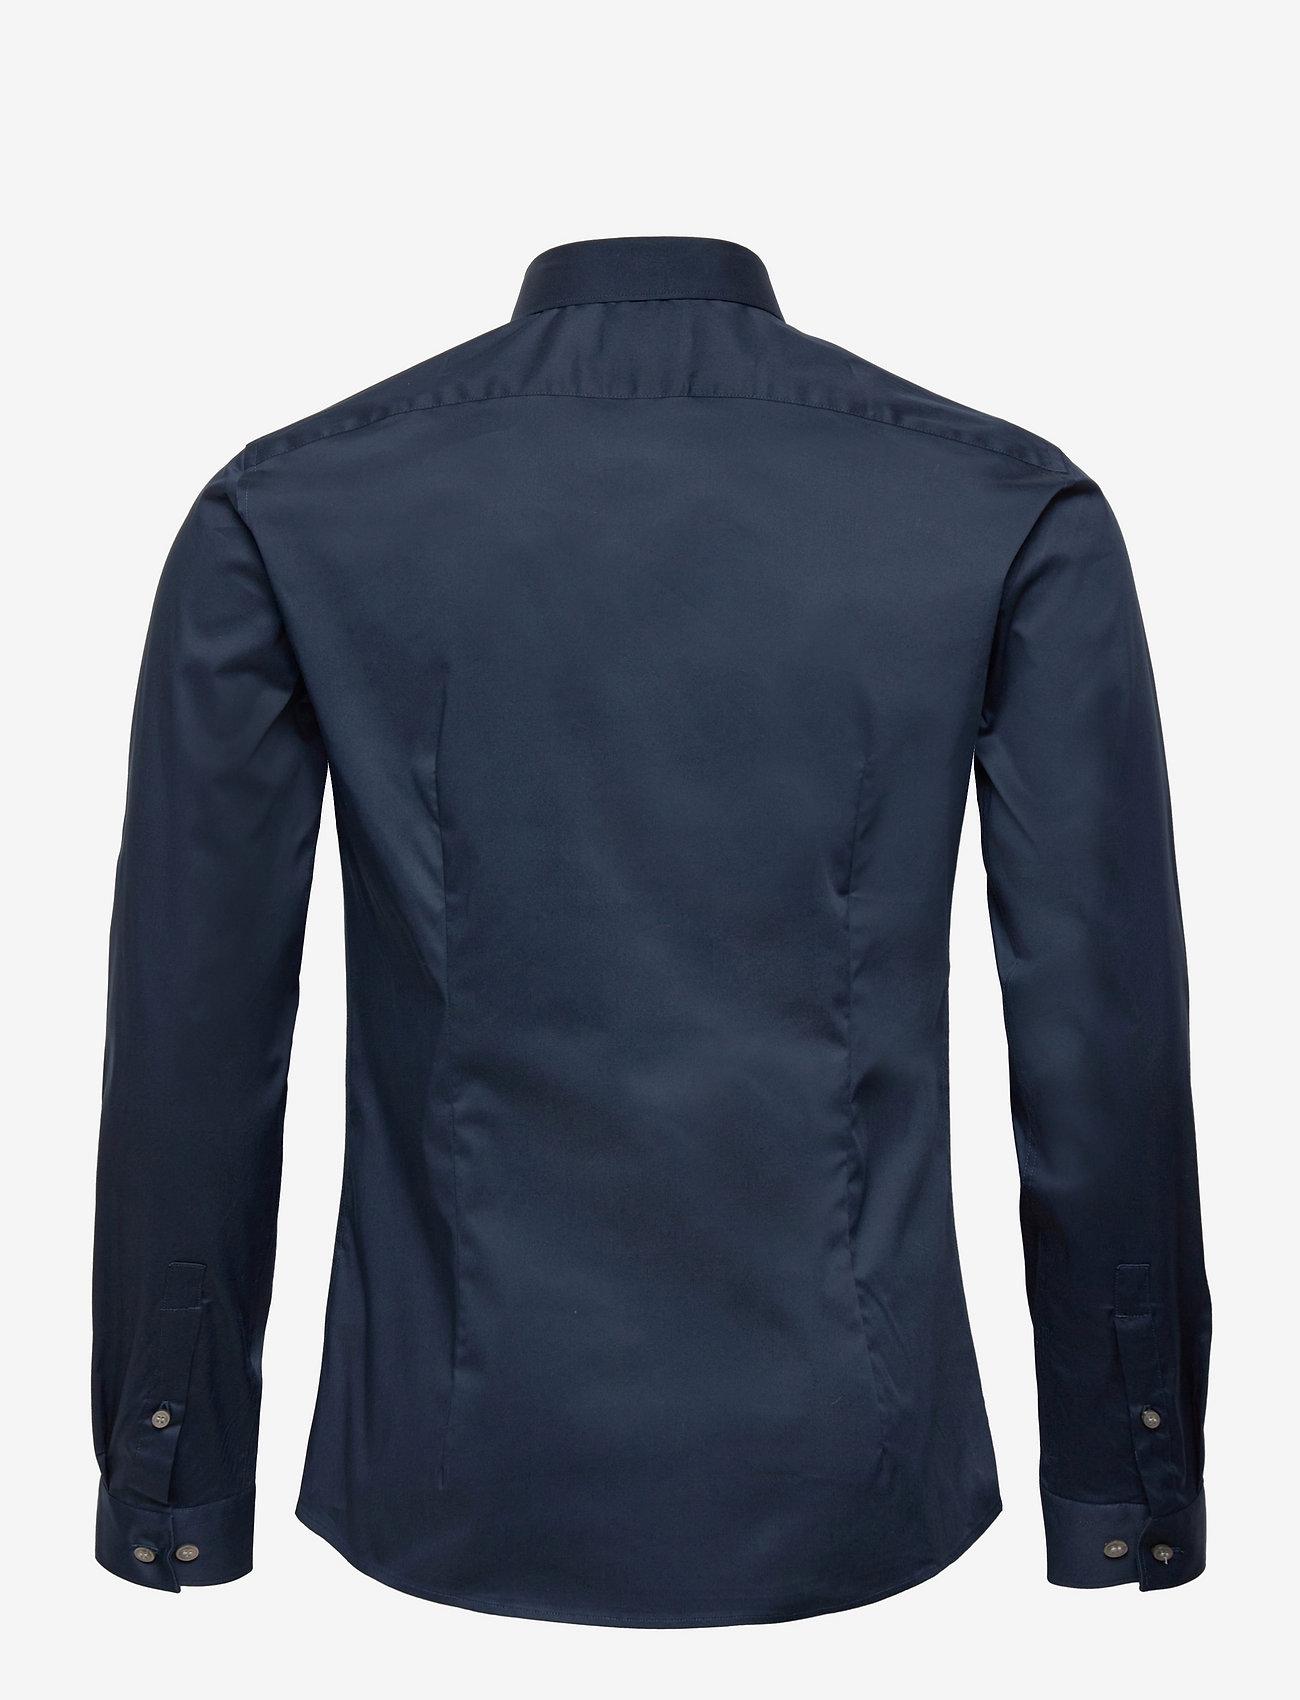 Tiger of Sweden - FILBRODIE - basic skjorter - royal blue - 1